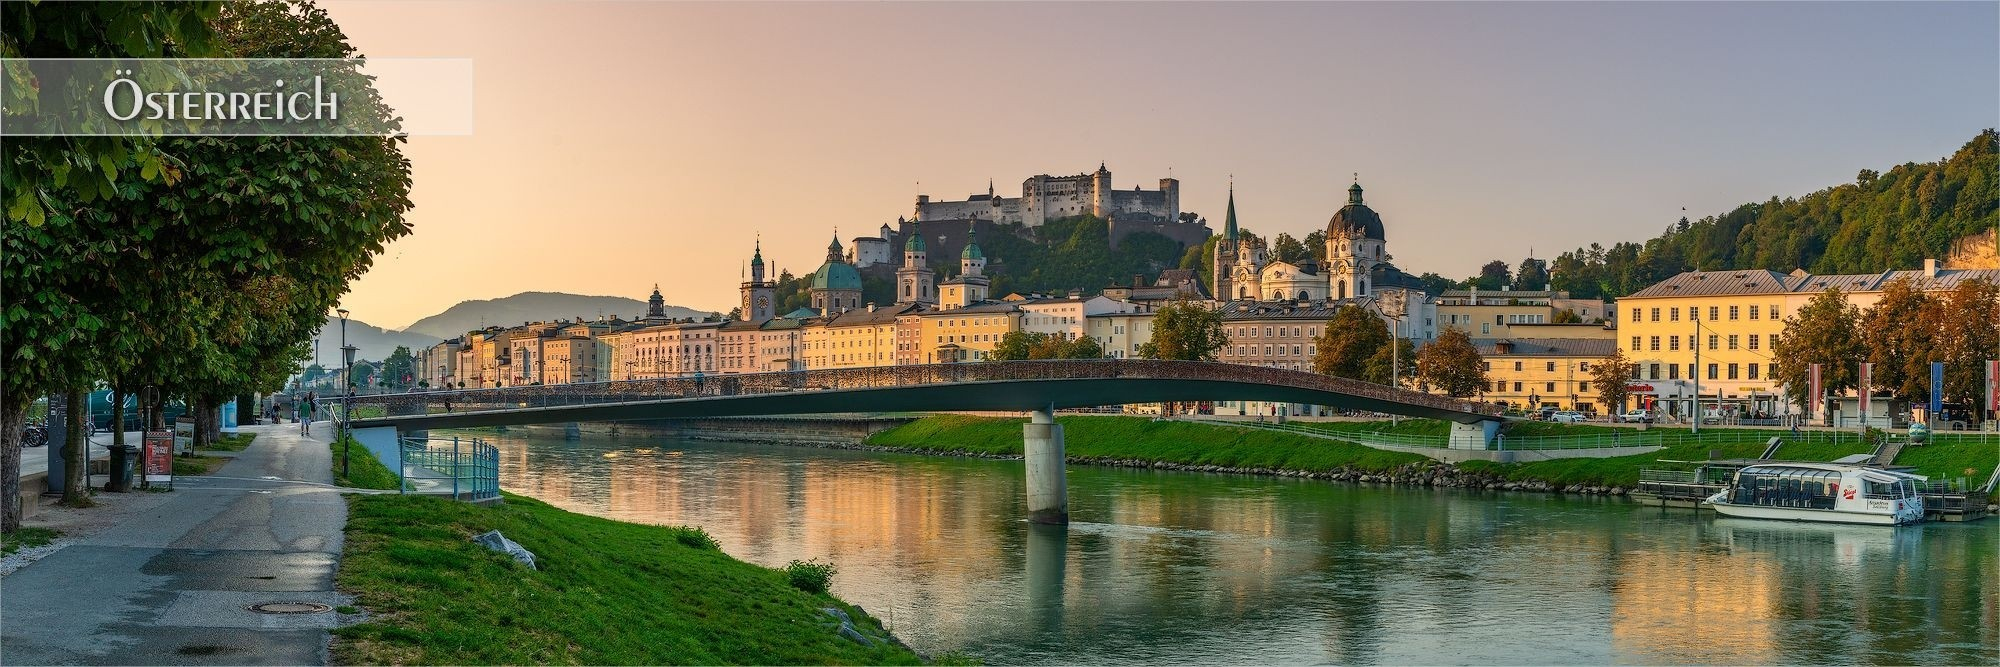 FineArt & Panoramafotografien aus Österreich